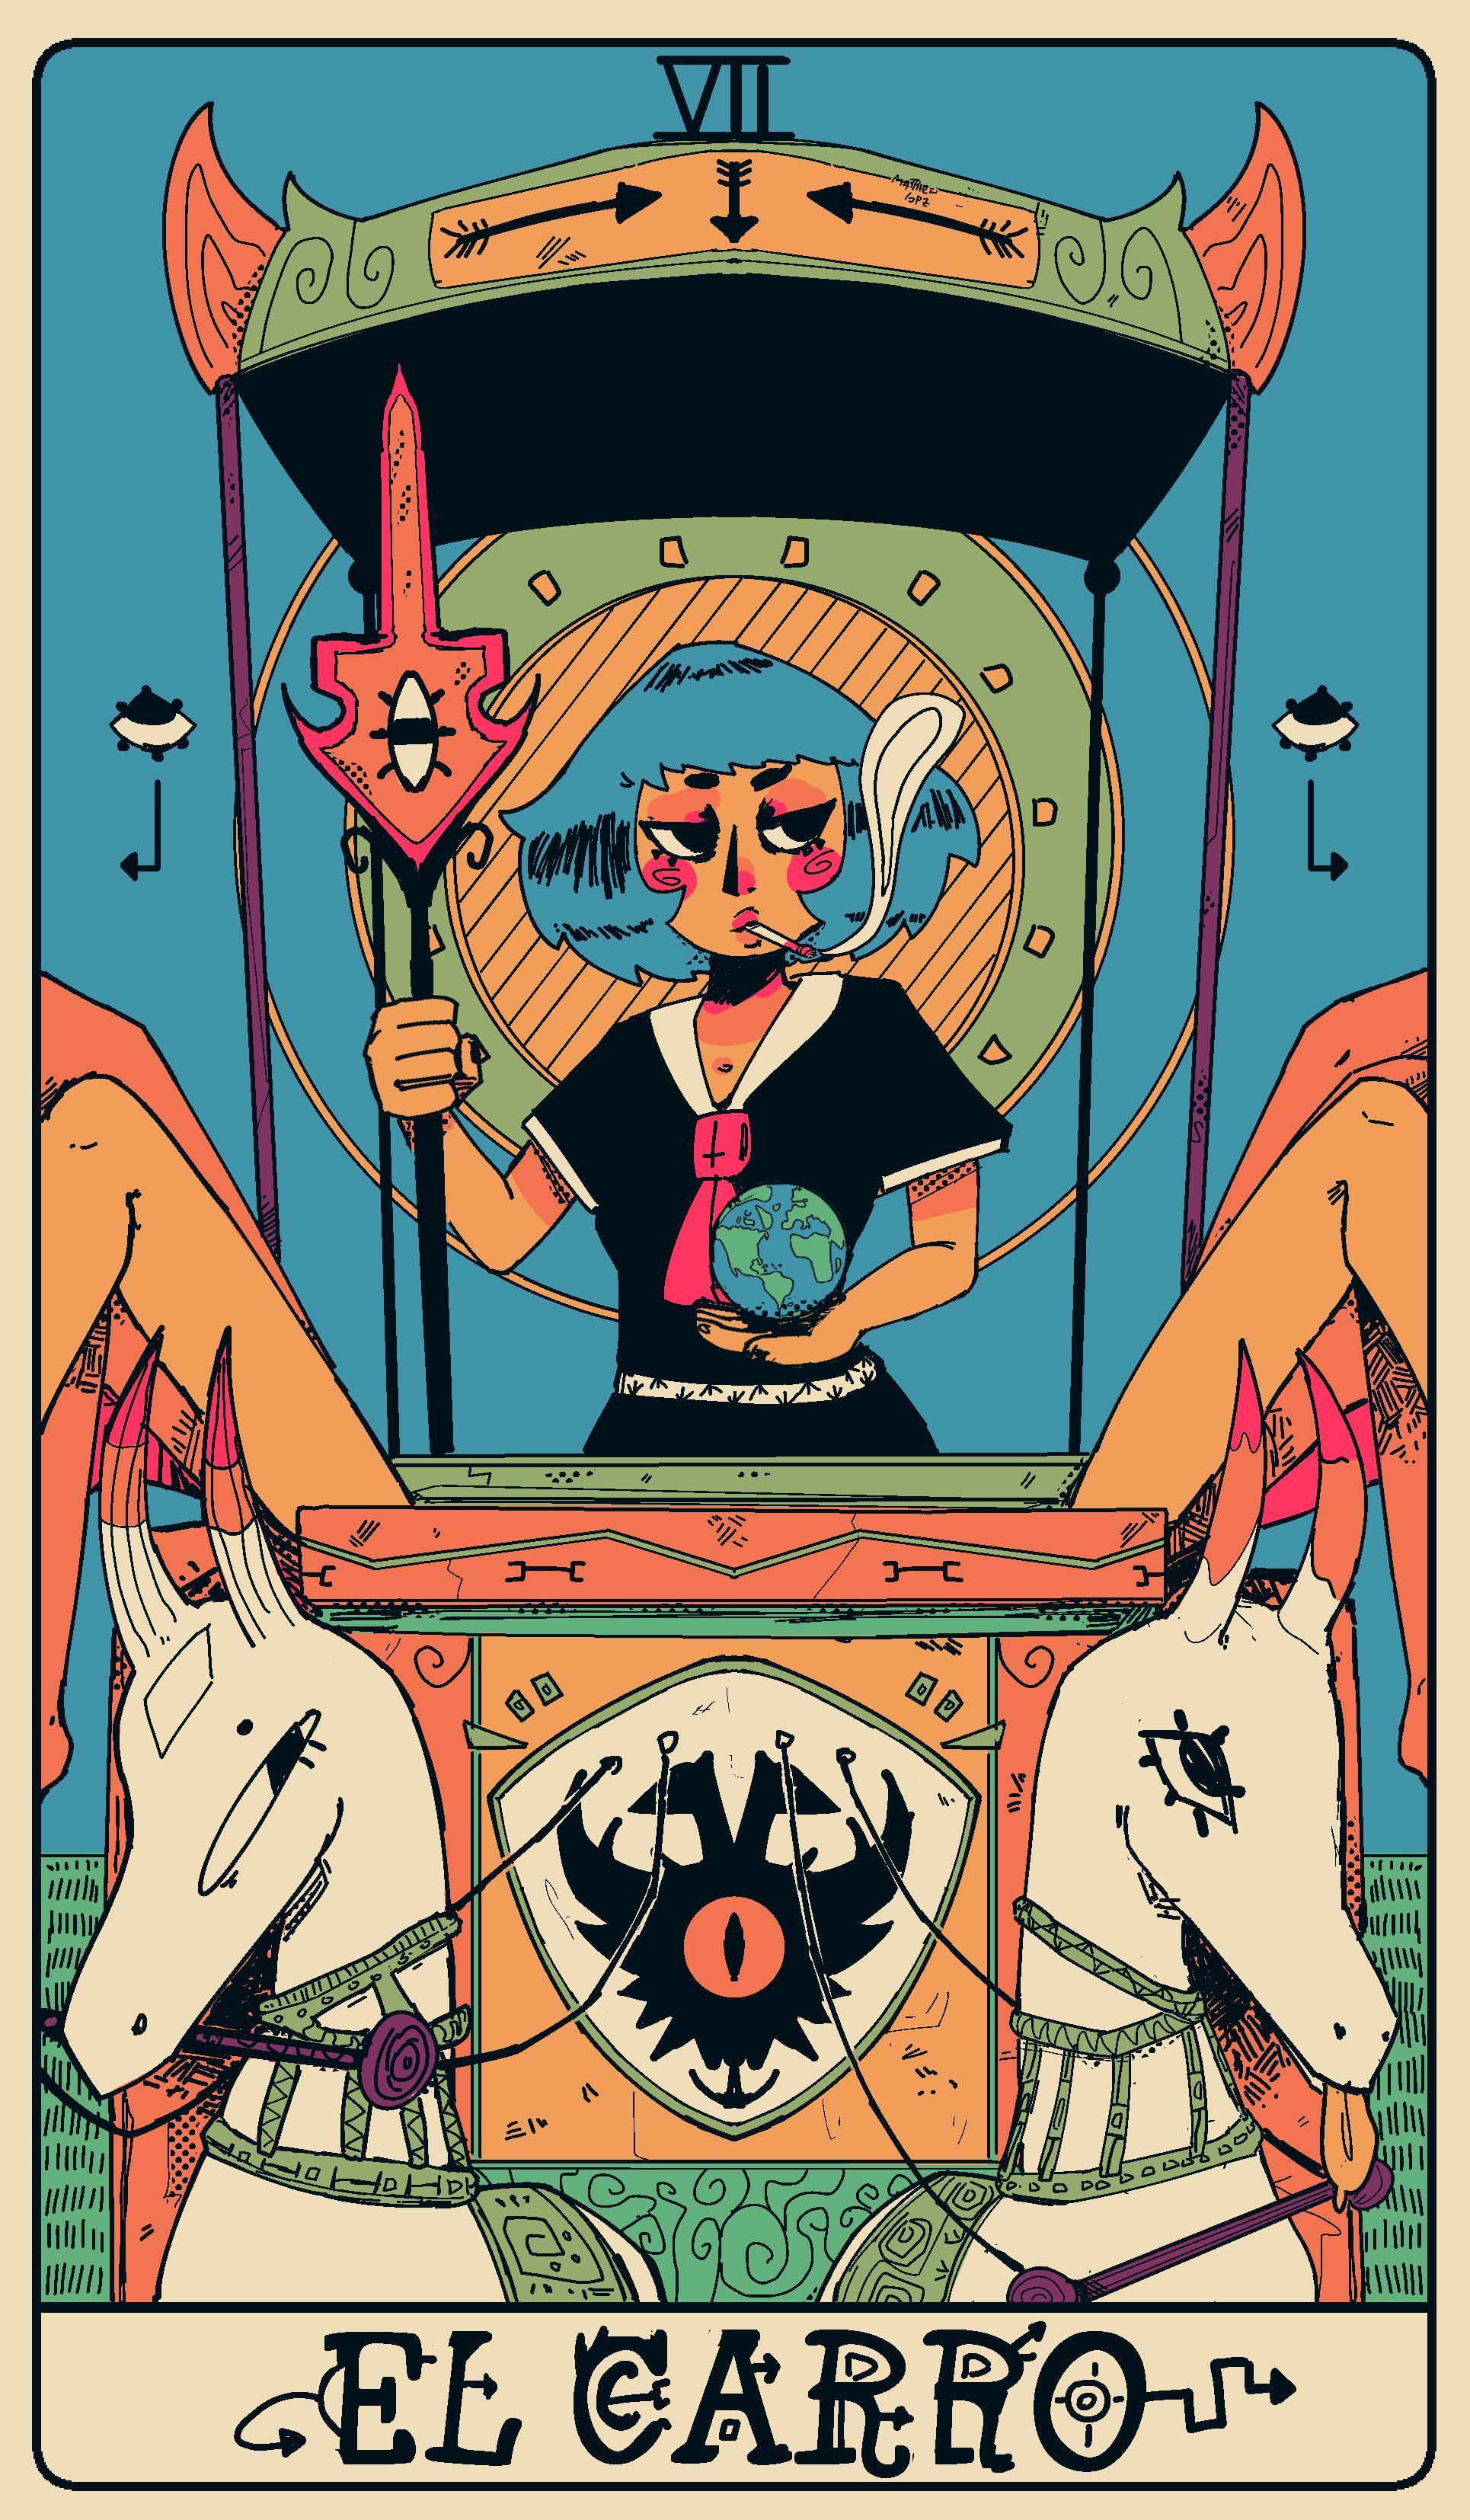 Tarot 7: The chariot